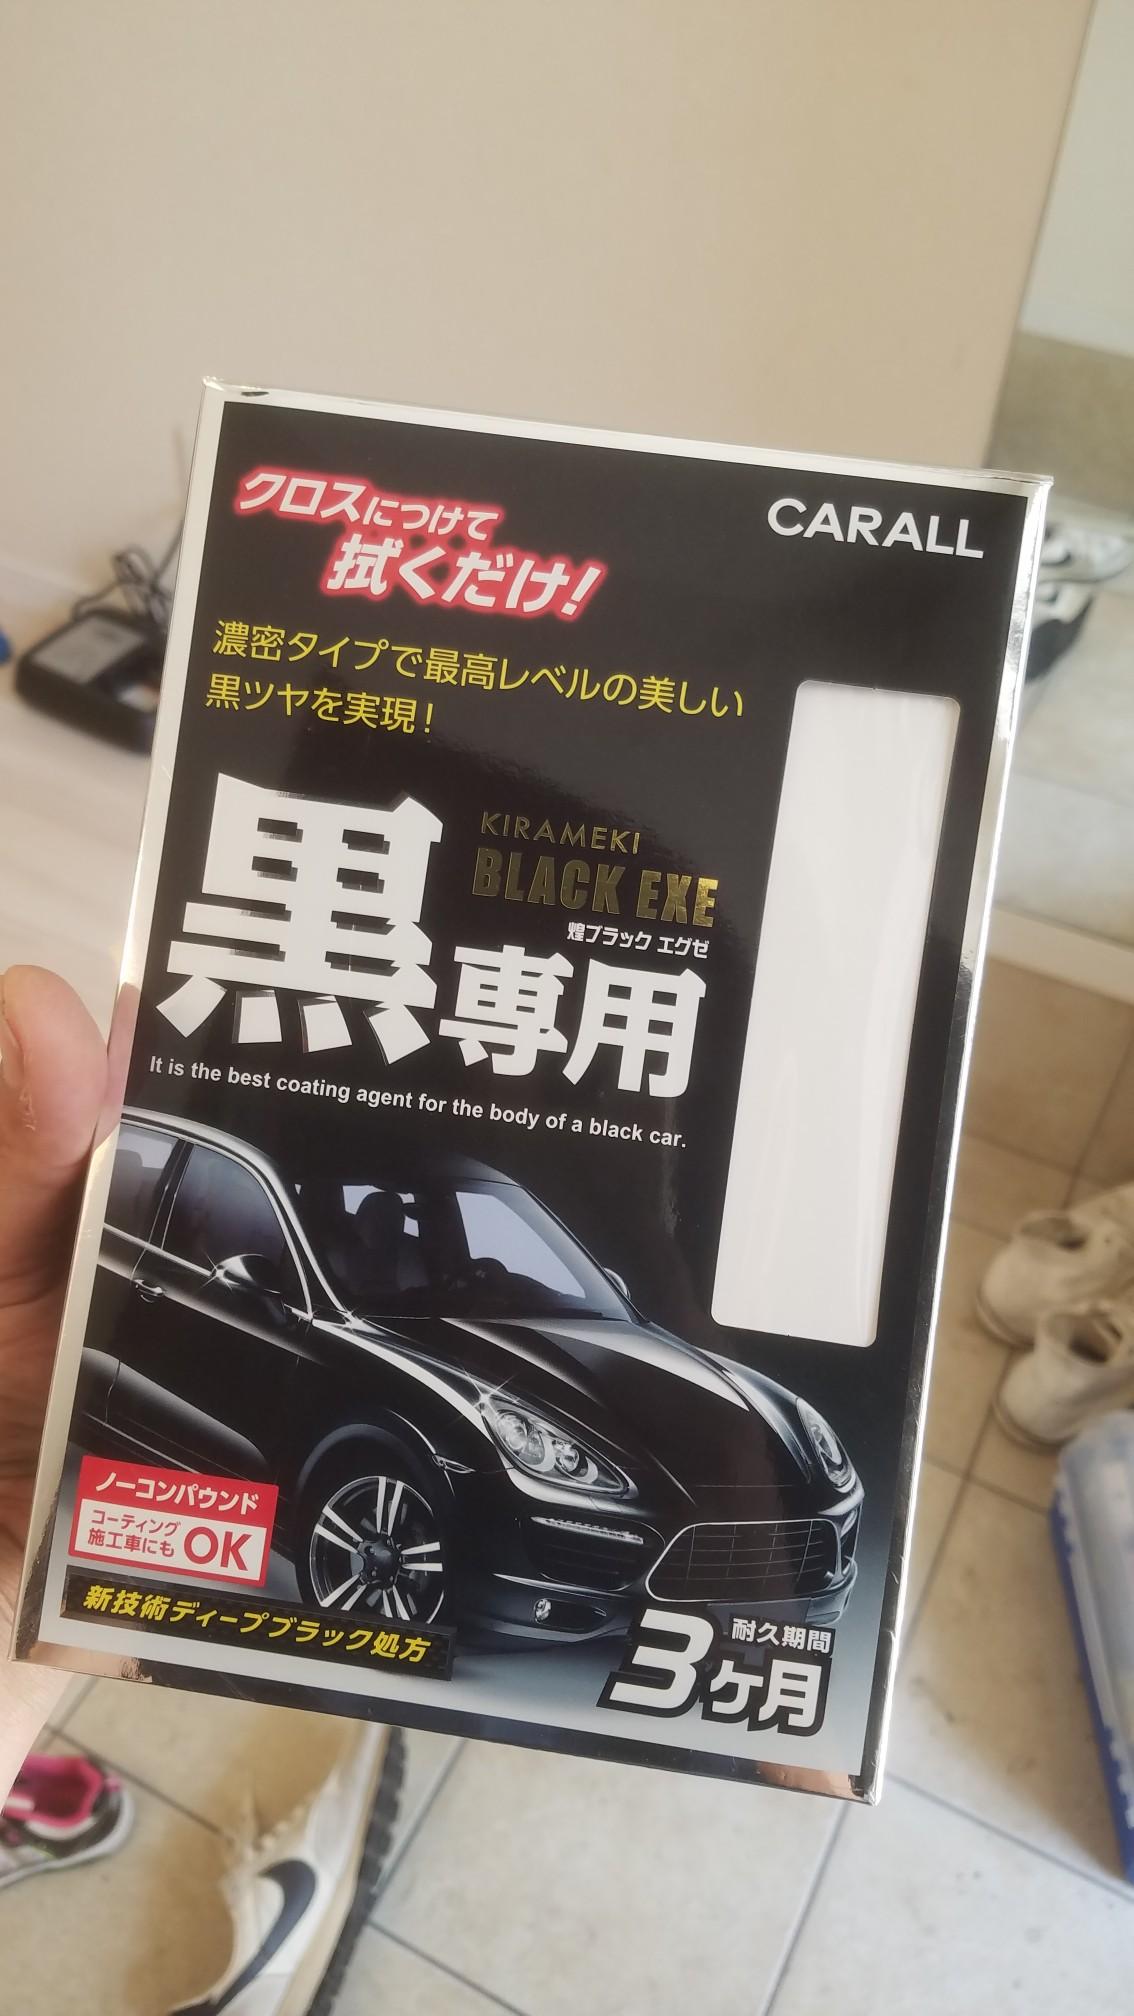 CARALL / オカモト産業 煌ブラックエグゼ